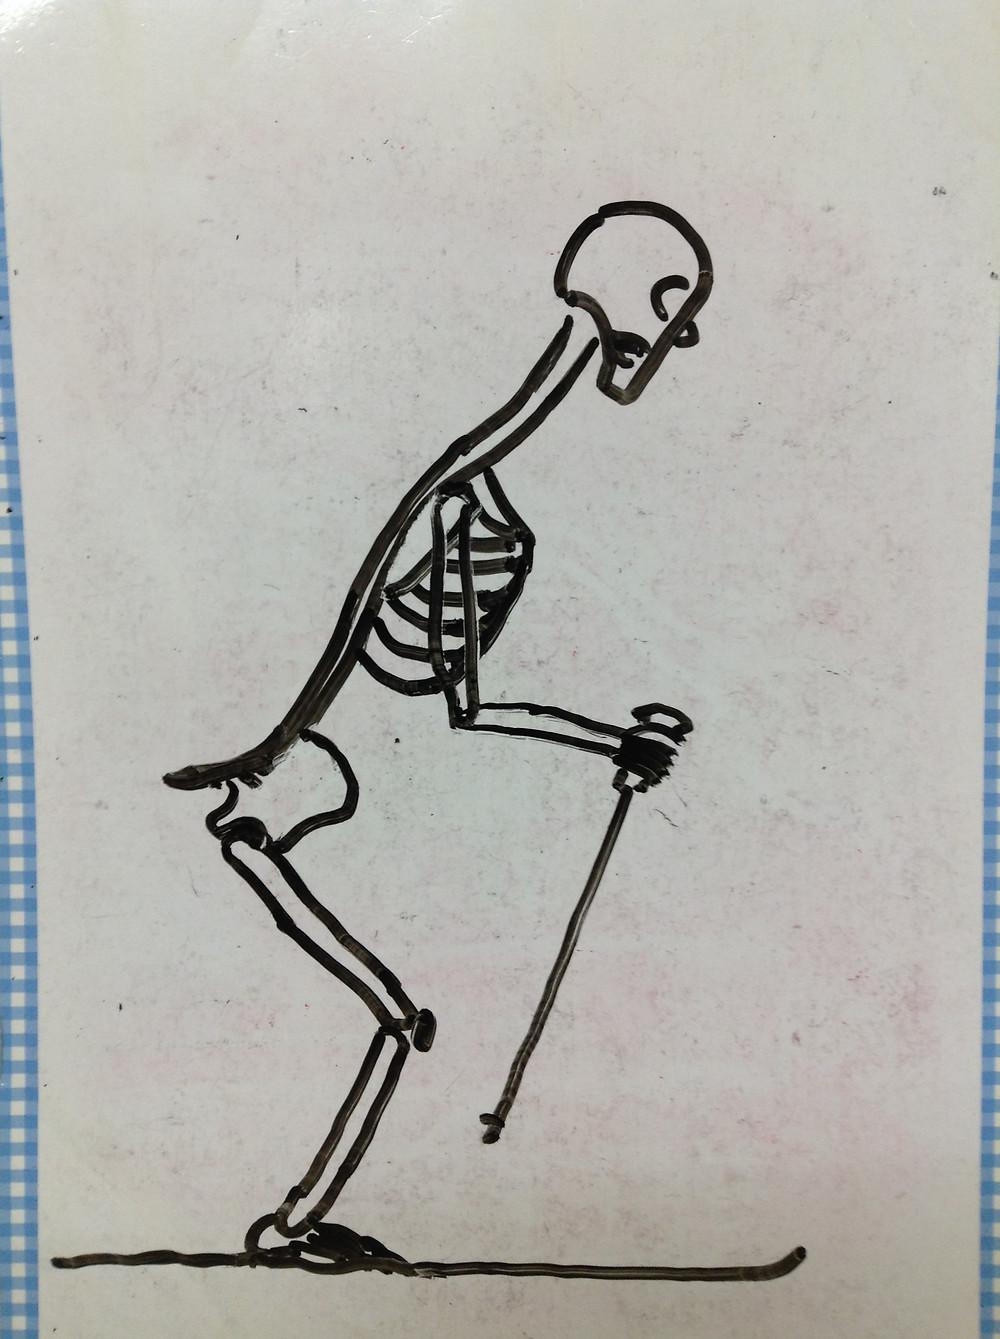 スキー 姿勢 骨格